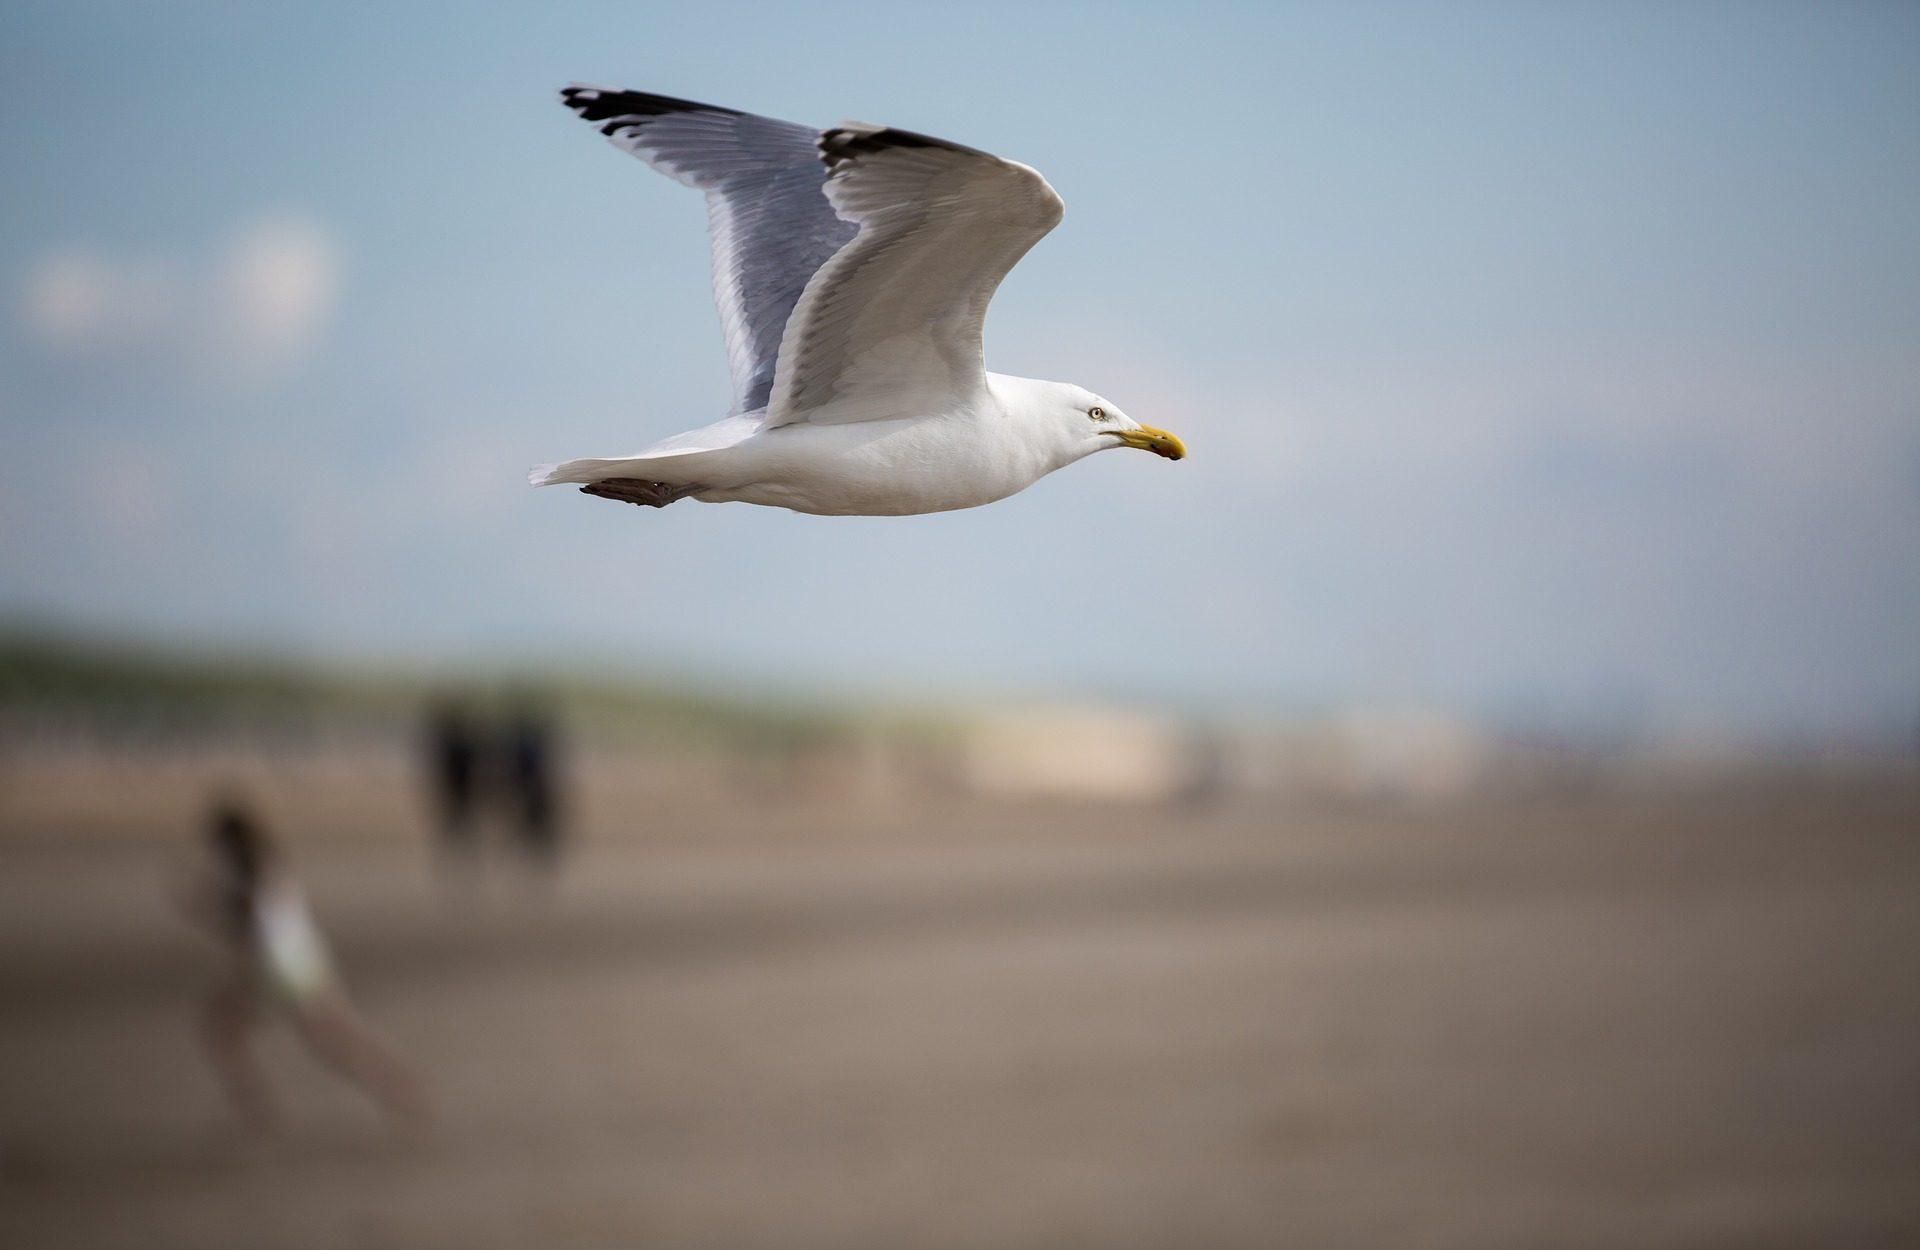 Γλάρος, Λ., Πουλί, πτήση, φτερά, Εκπέτασμα πτέρυγας - Wallpapers HD - Professor-falken.com